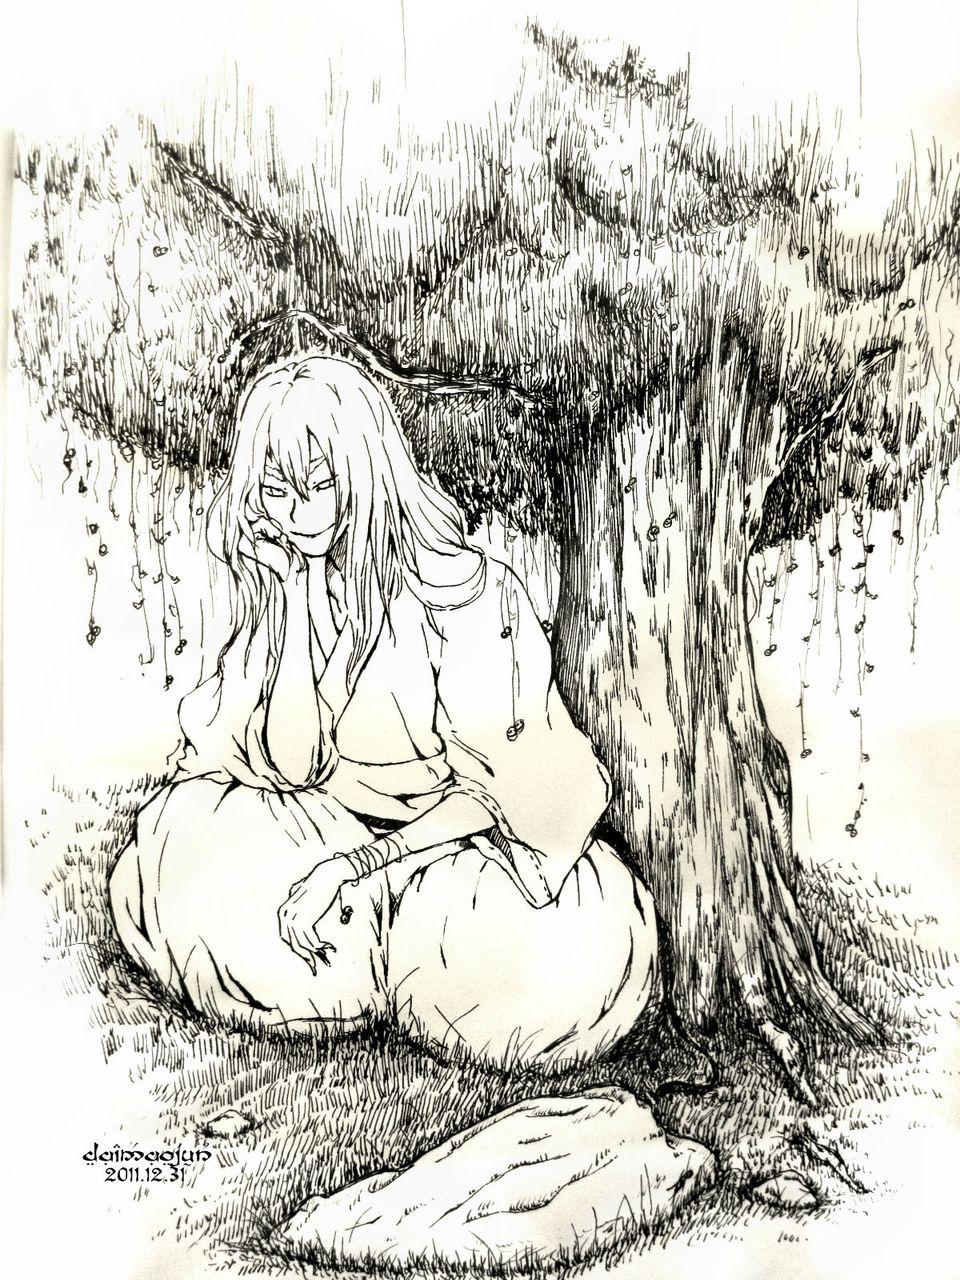 在梦里 我长成了一棵大树,有着长长的等待淡淡的欢心和浅浅的失落.